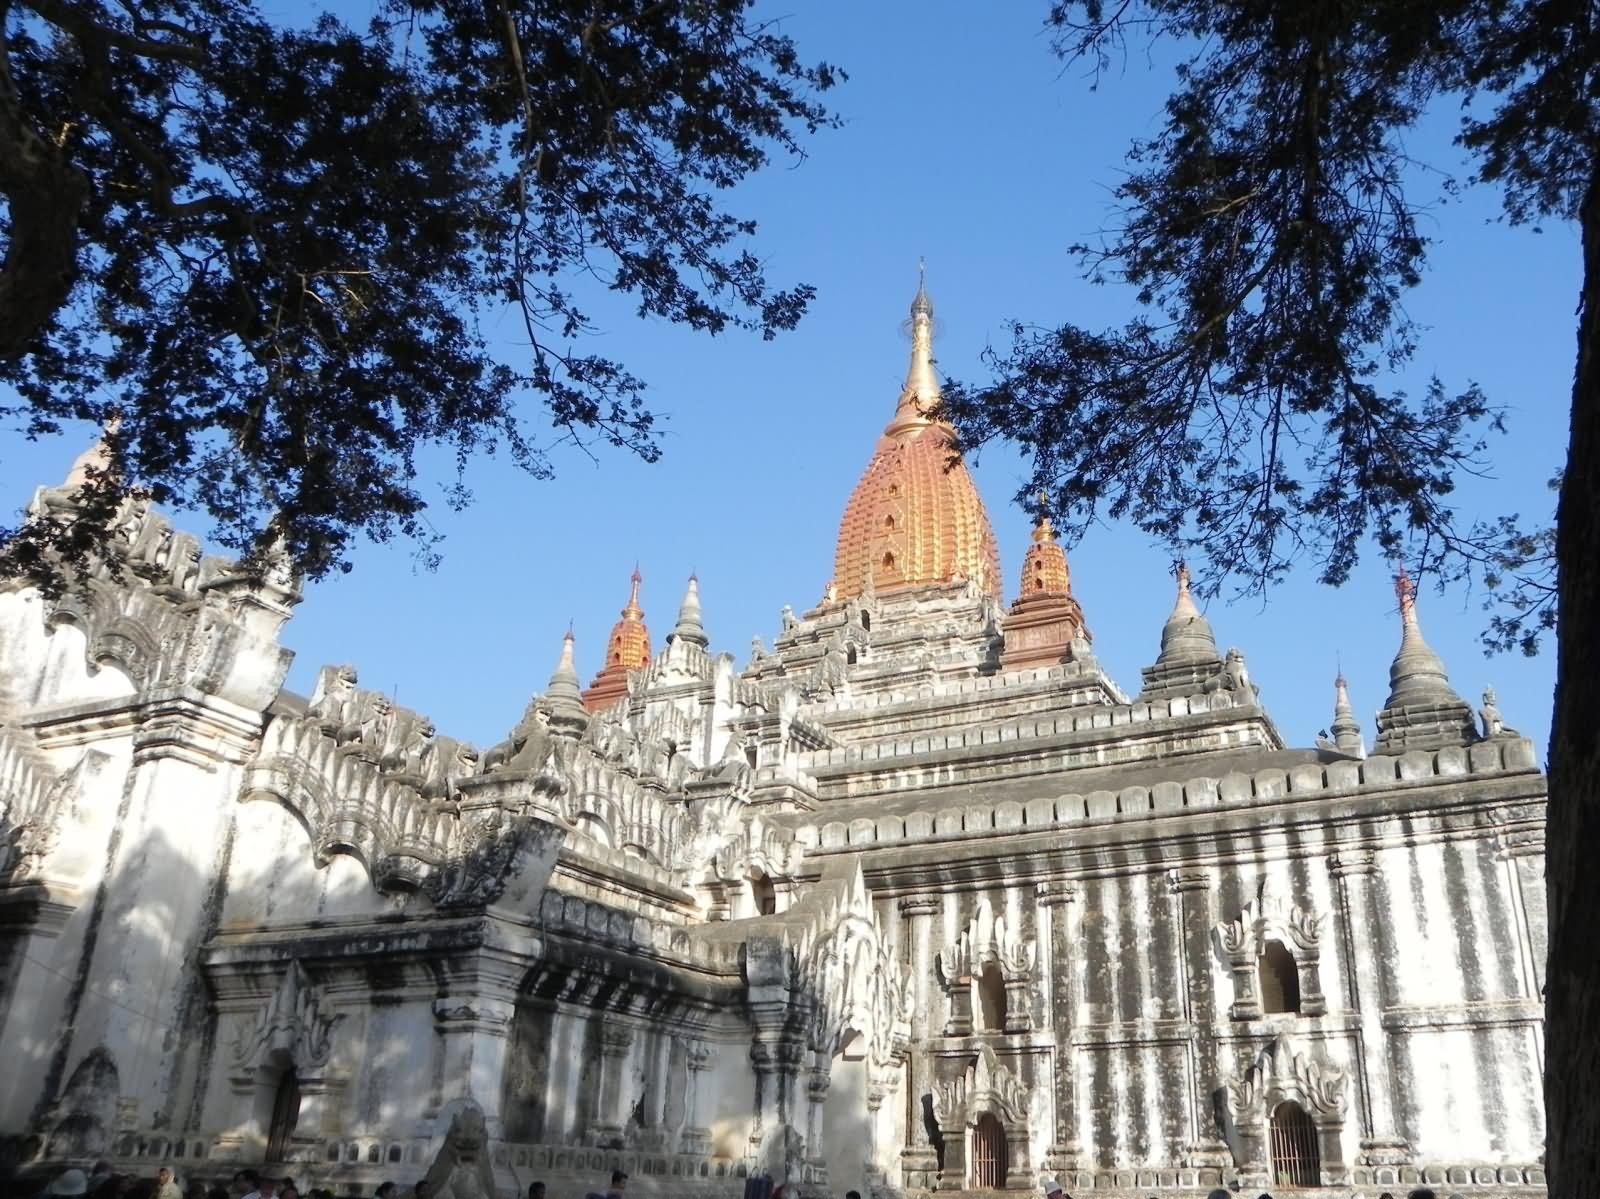 Beautiful View Of The Ananda Temple, Bagan